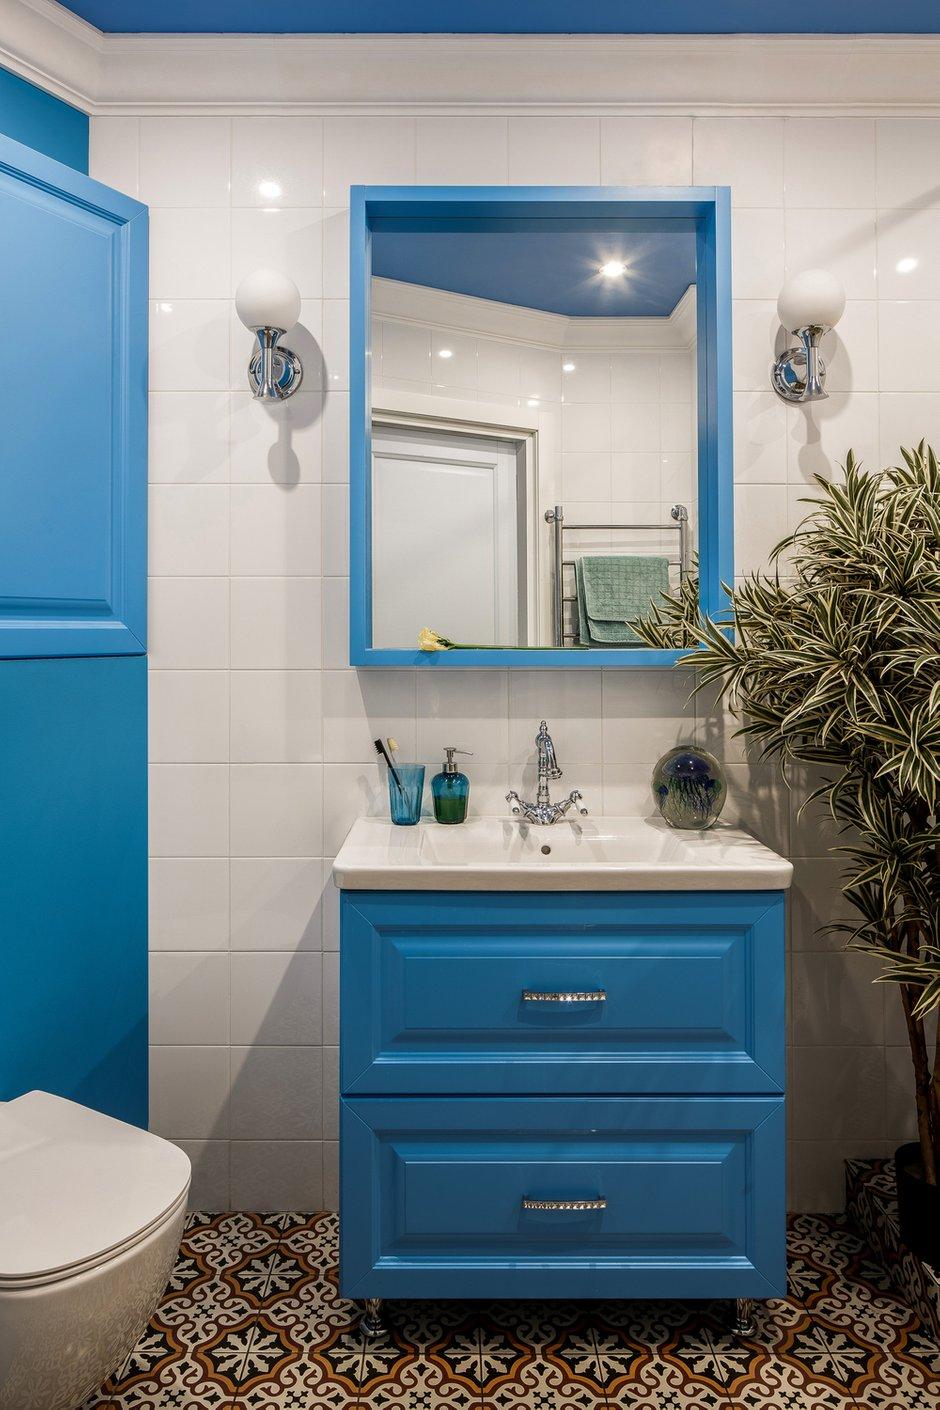 Фотография: Ванная в стиле Современный, Квартира, Проект недели, Монолитный дом, 3 комнаты, 60-90 метров, Саратов, Quadrum Studio – фото на INMYROOM